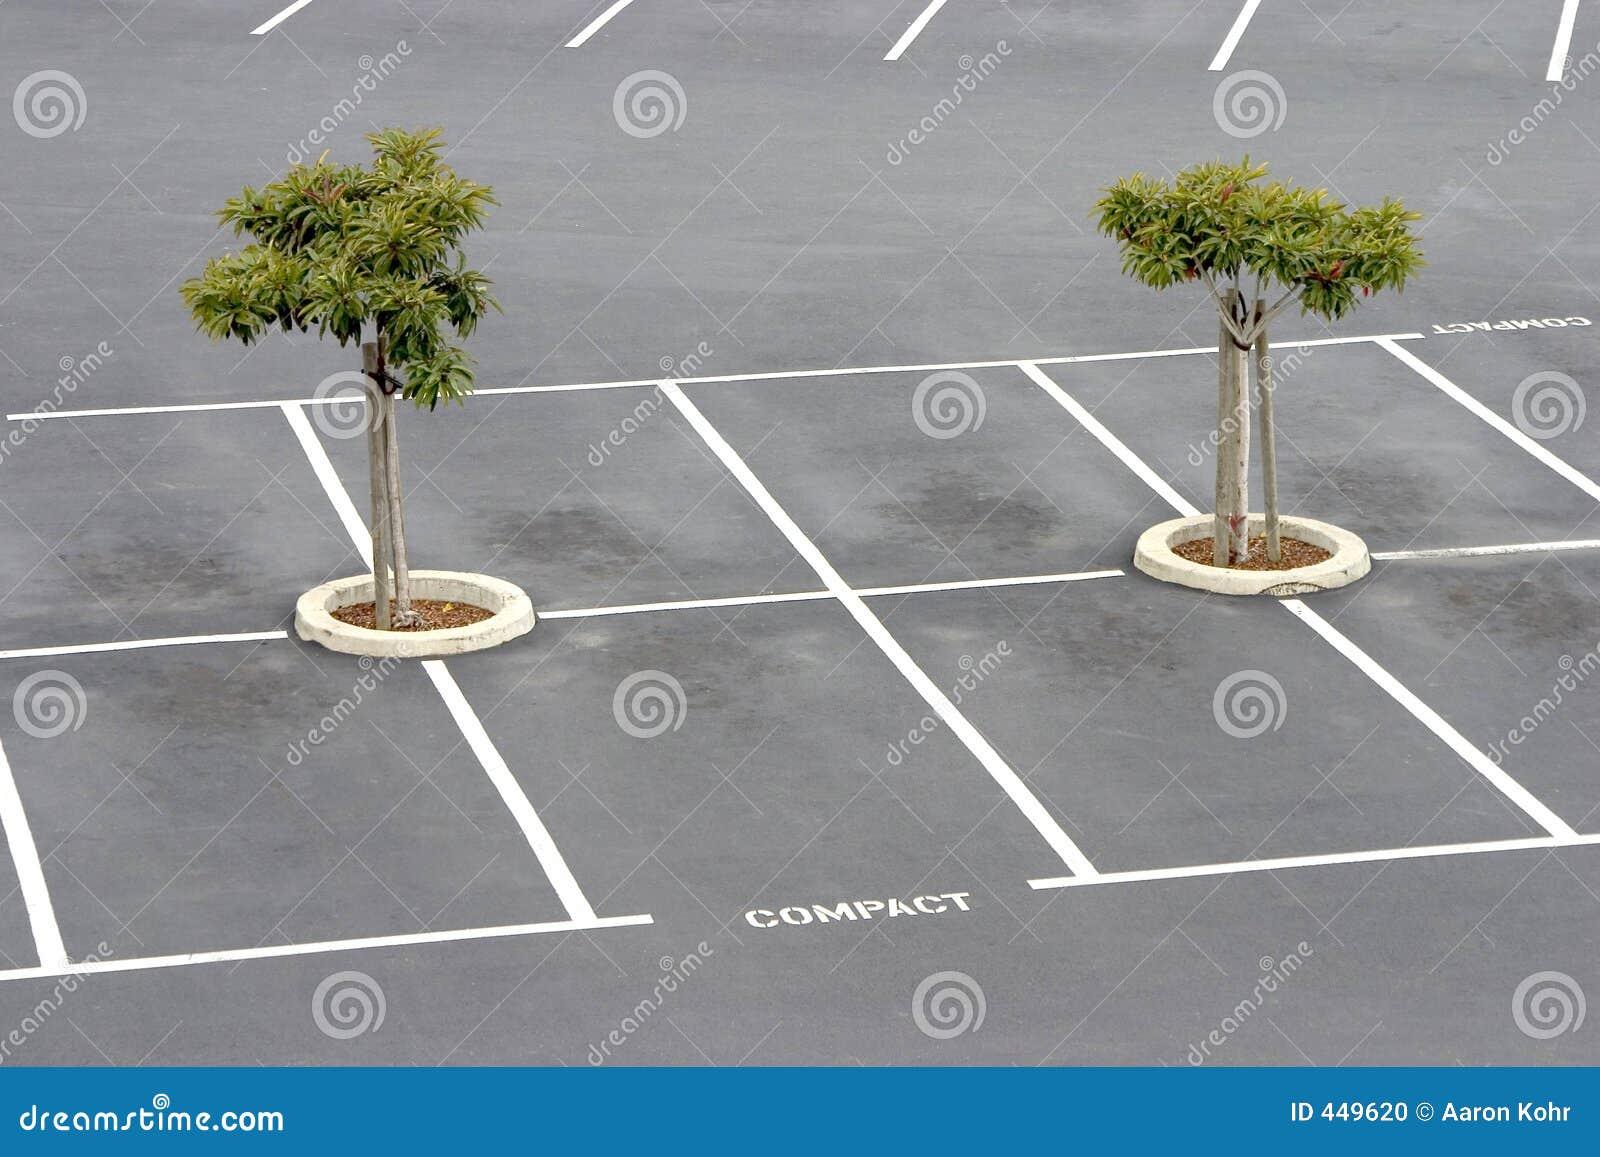 Lote de estacionamento vazio.